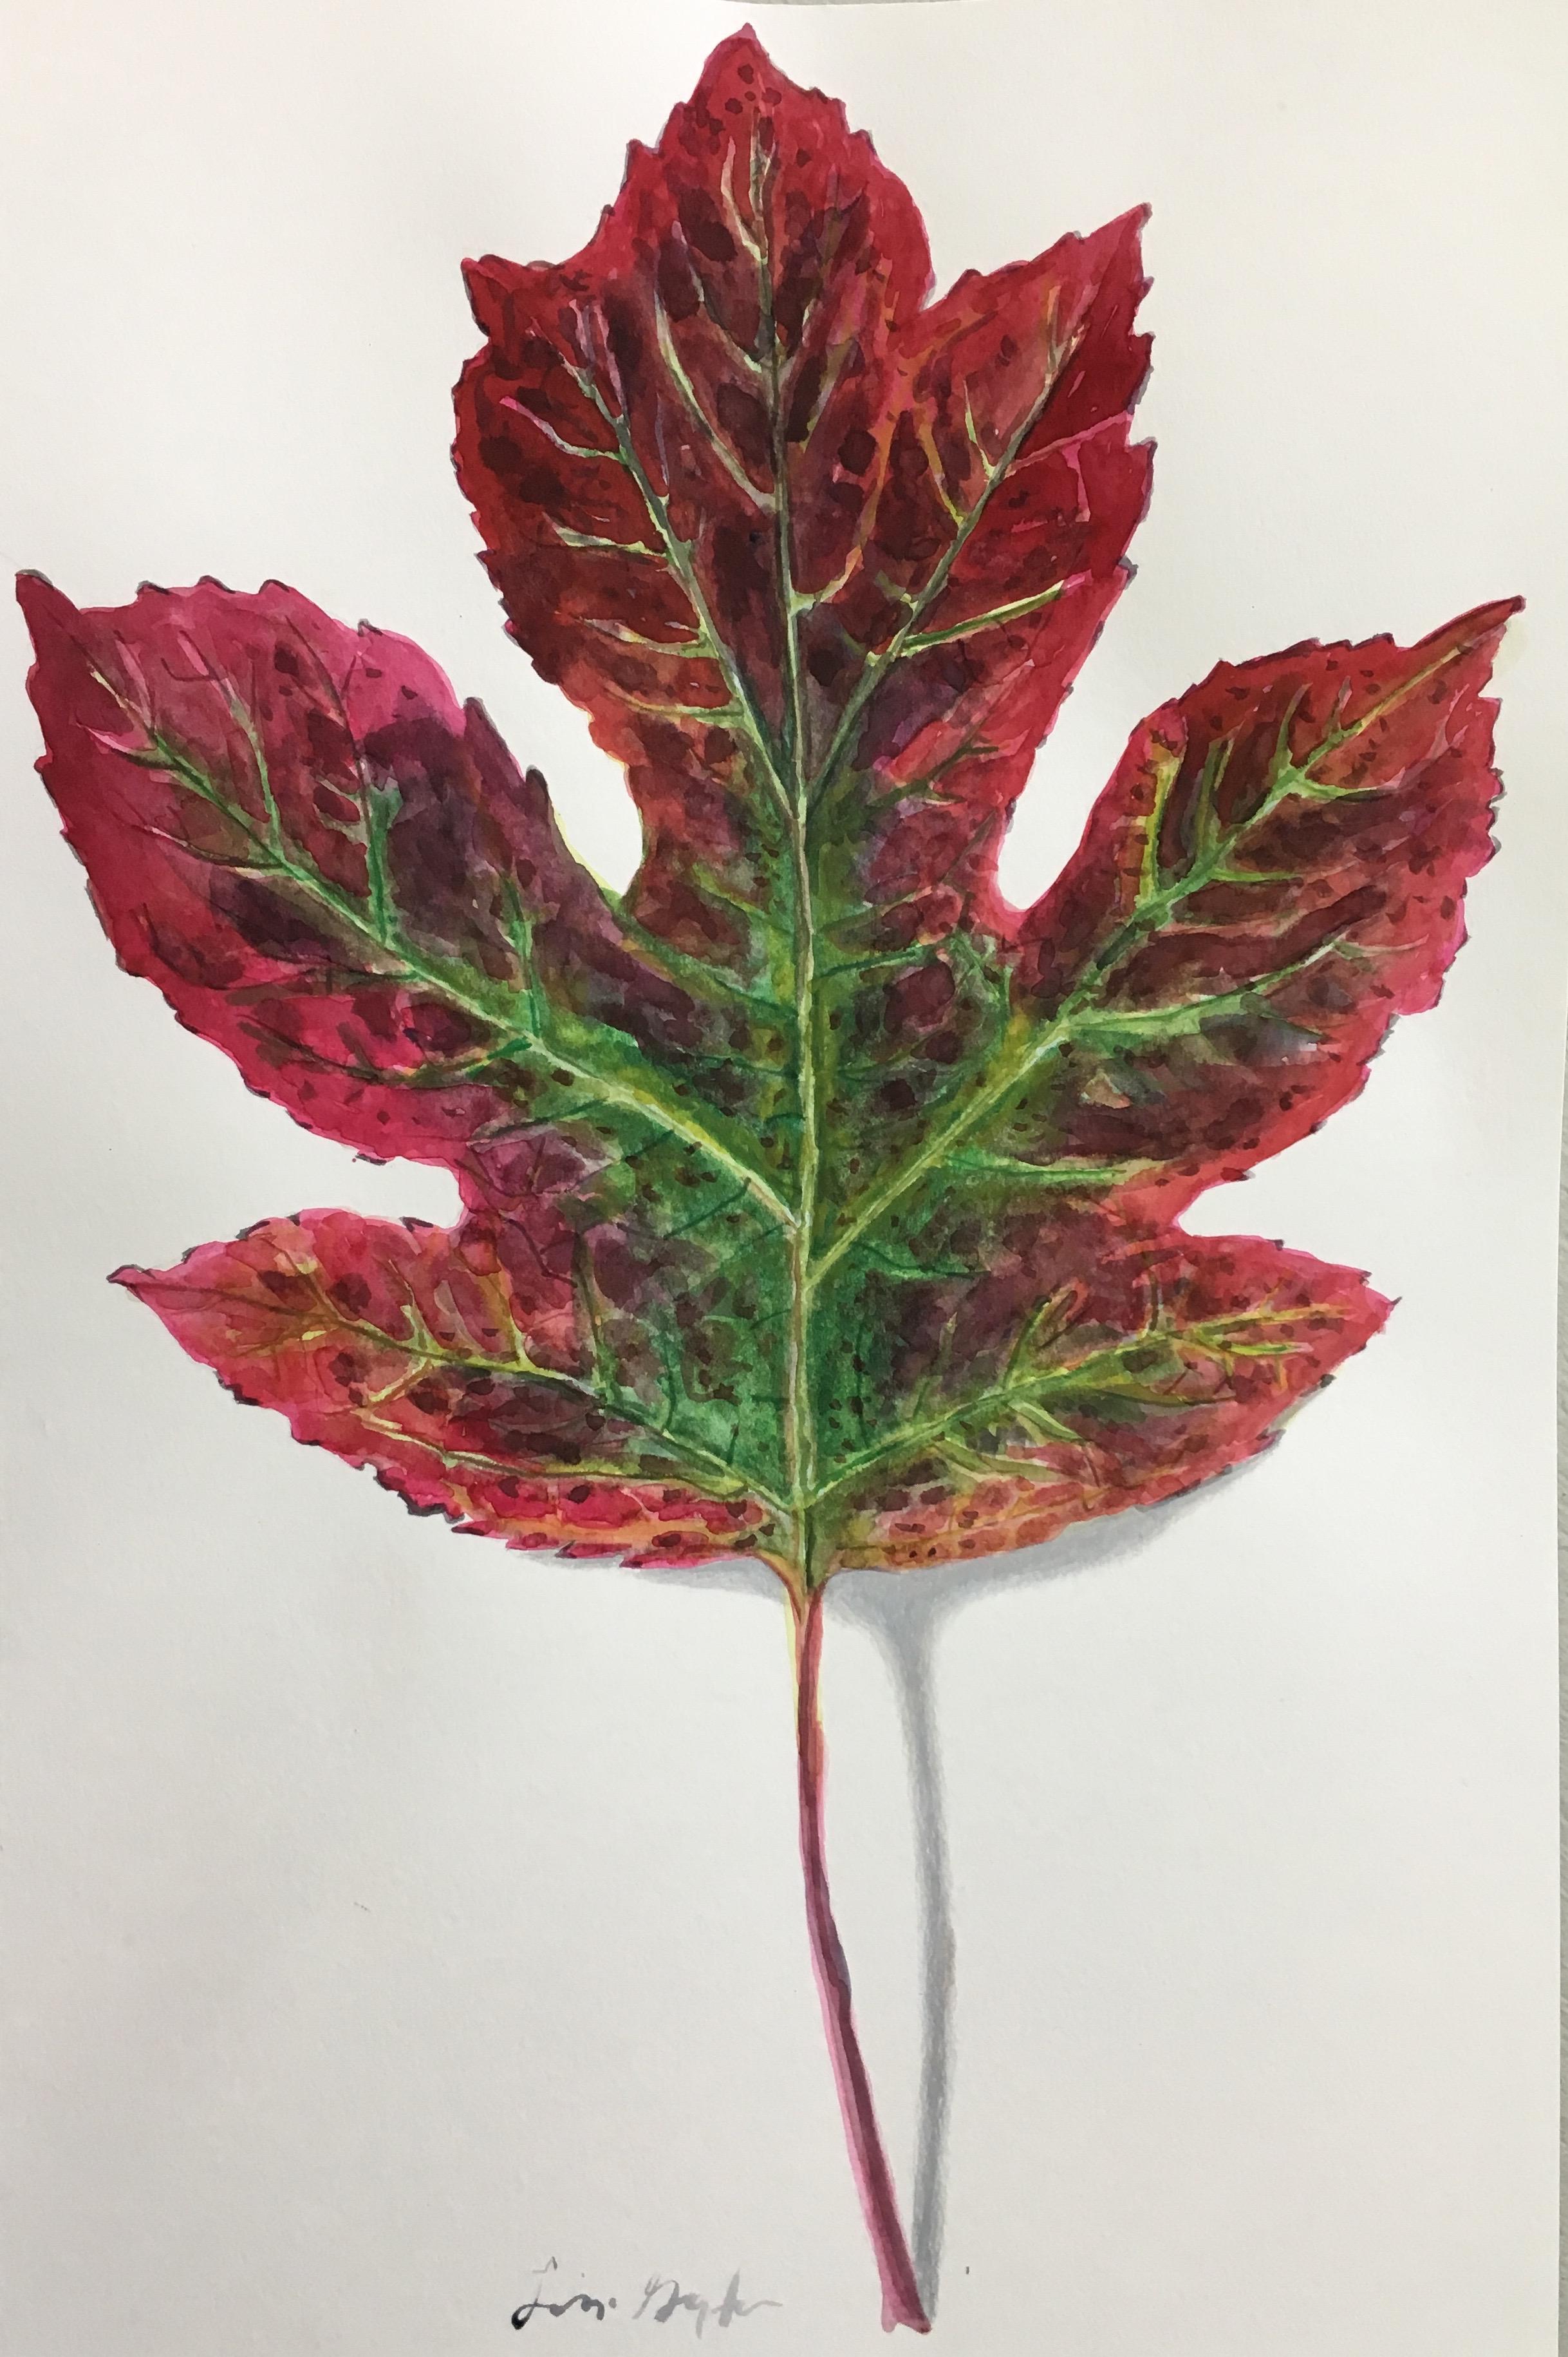 Hydrangea Leaf, watercolor